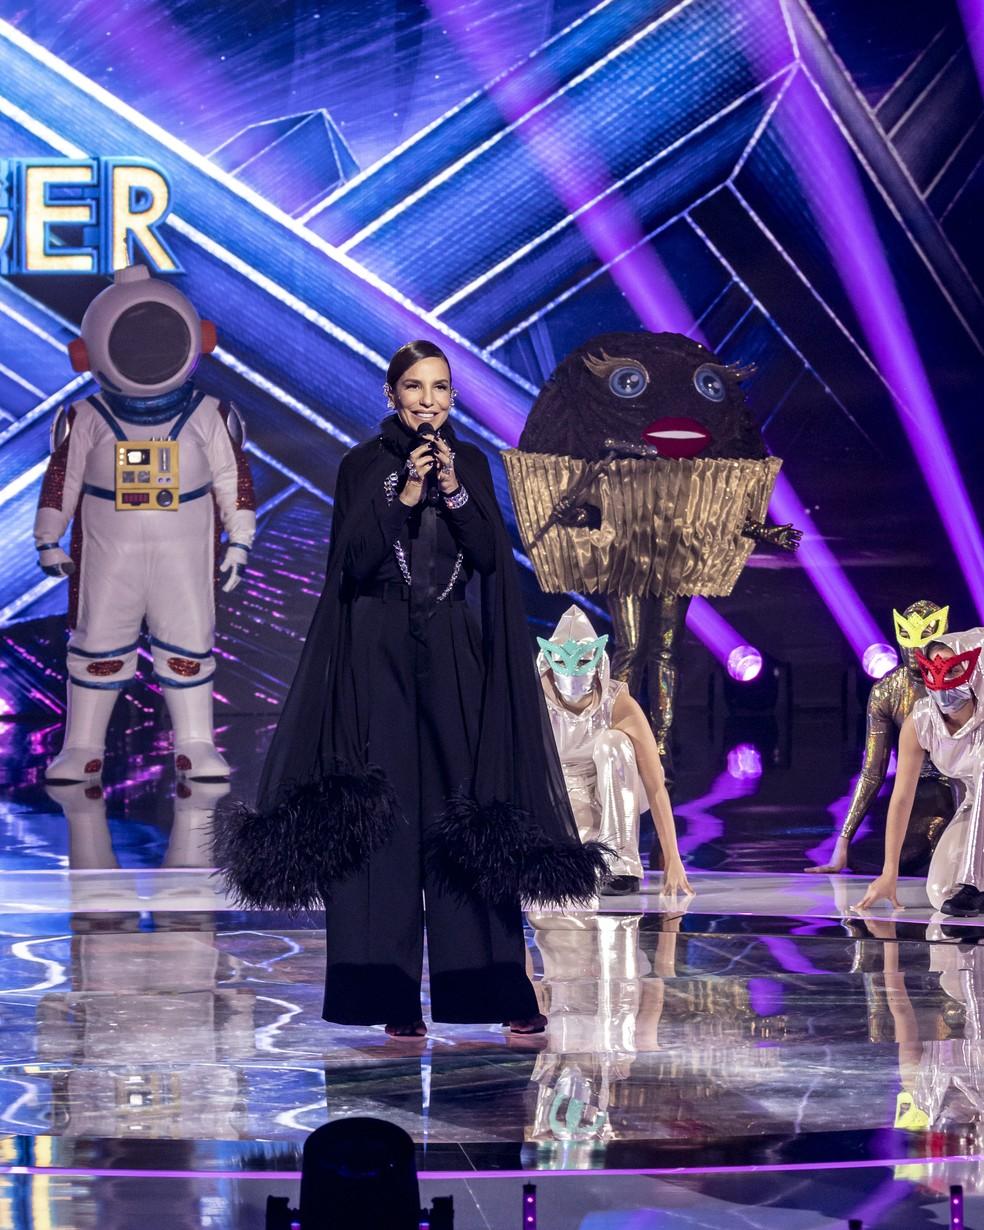 Ivete Sangalo deu um show de simpatia e bom humo na apresentação do programa. (Foto: Globo - Kelly Fuzaro)